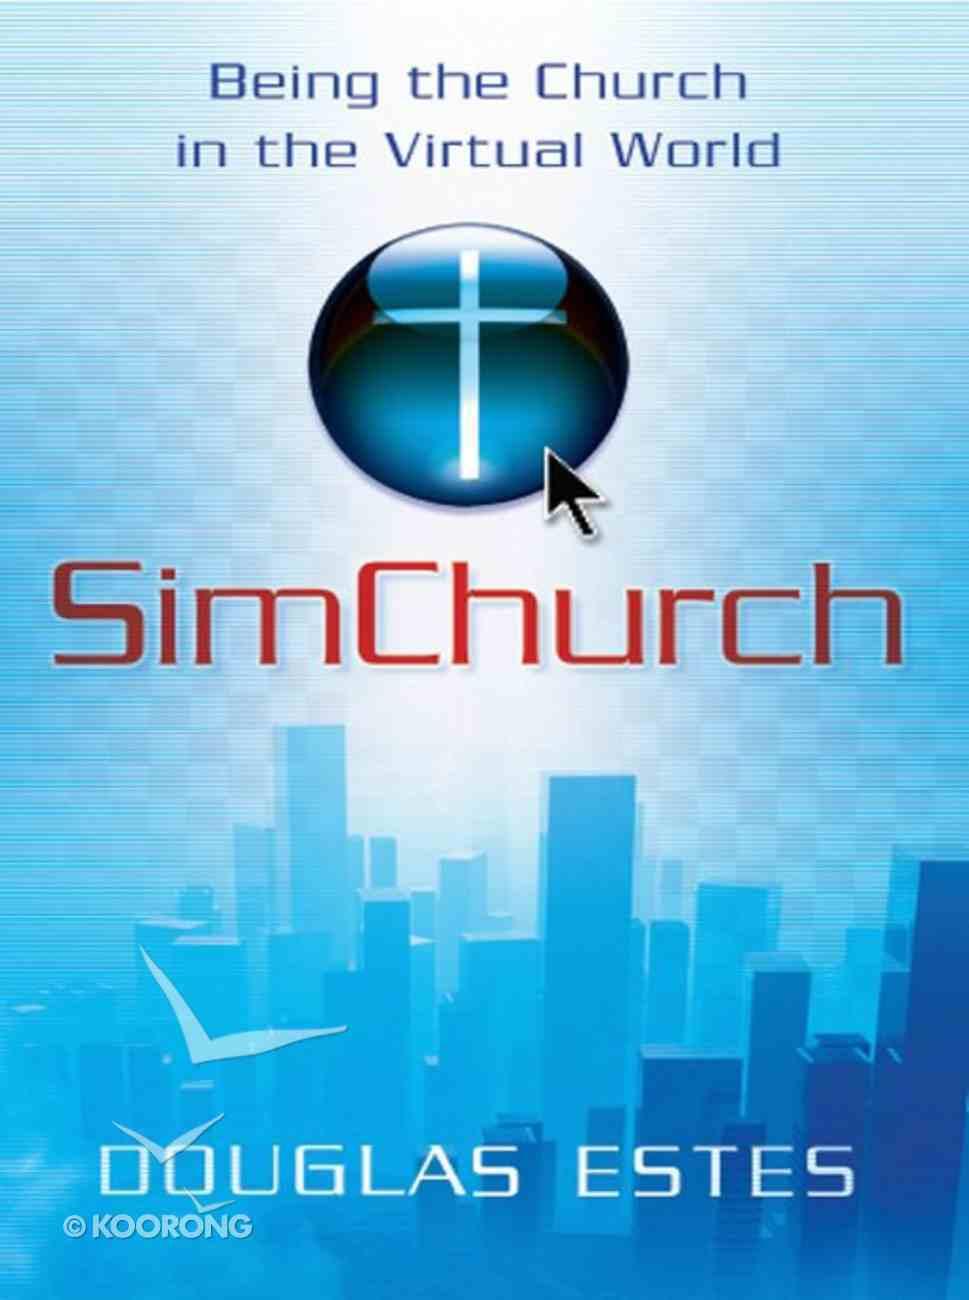 Simchurch eBook